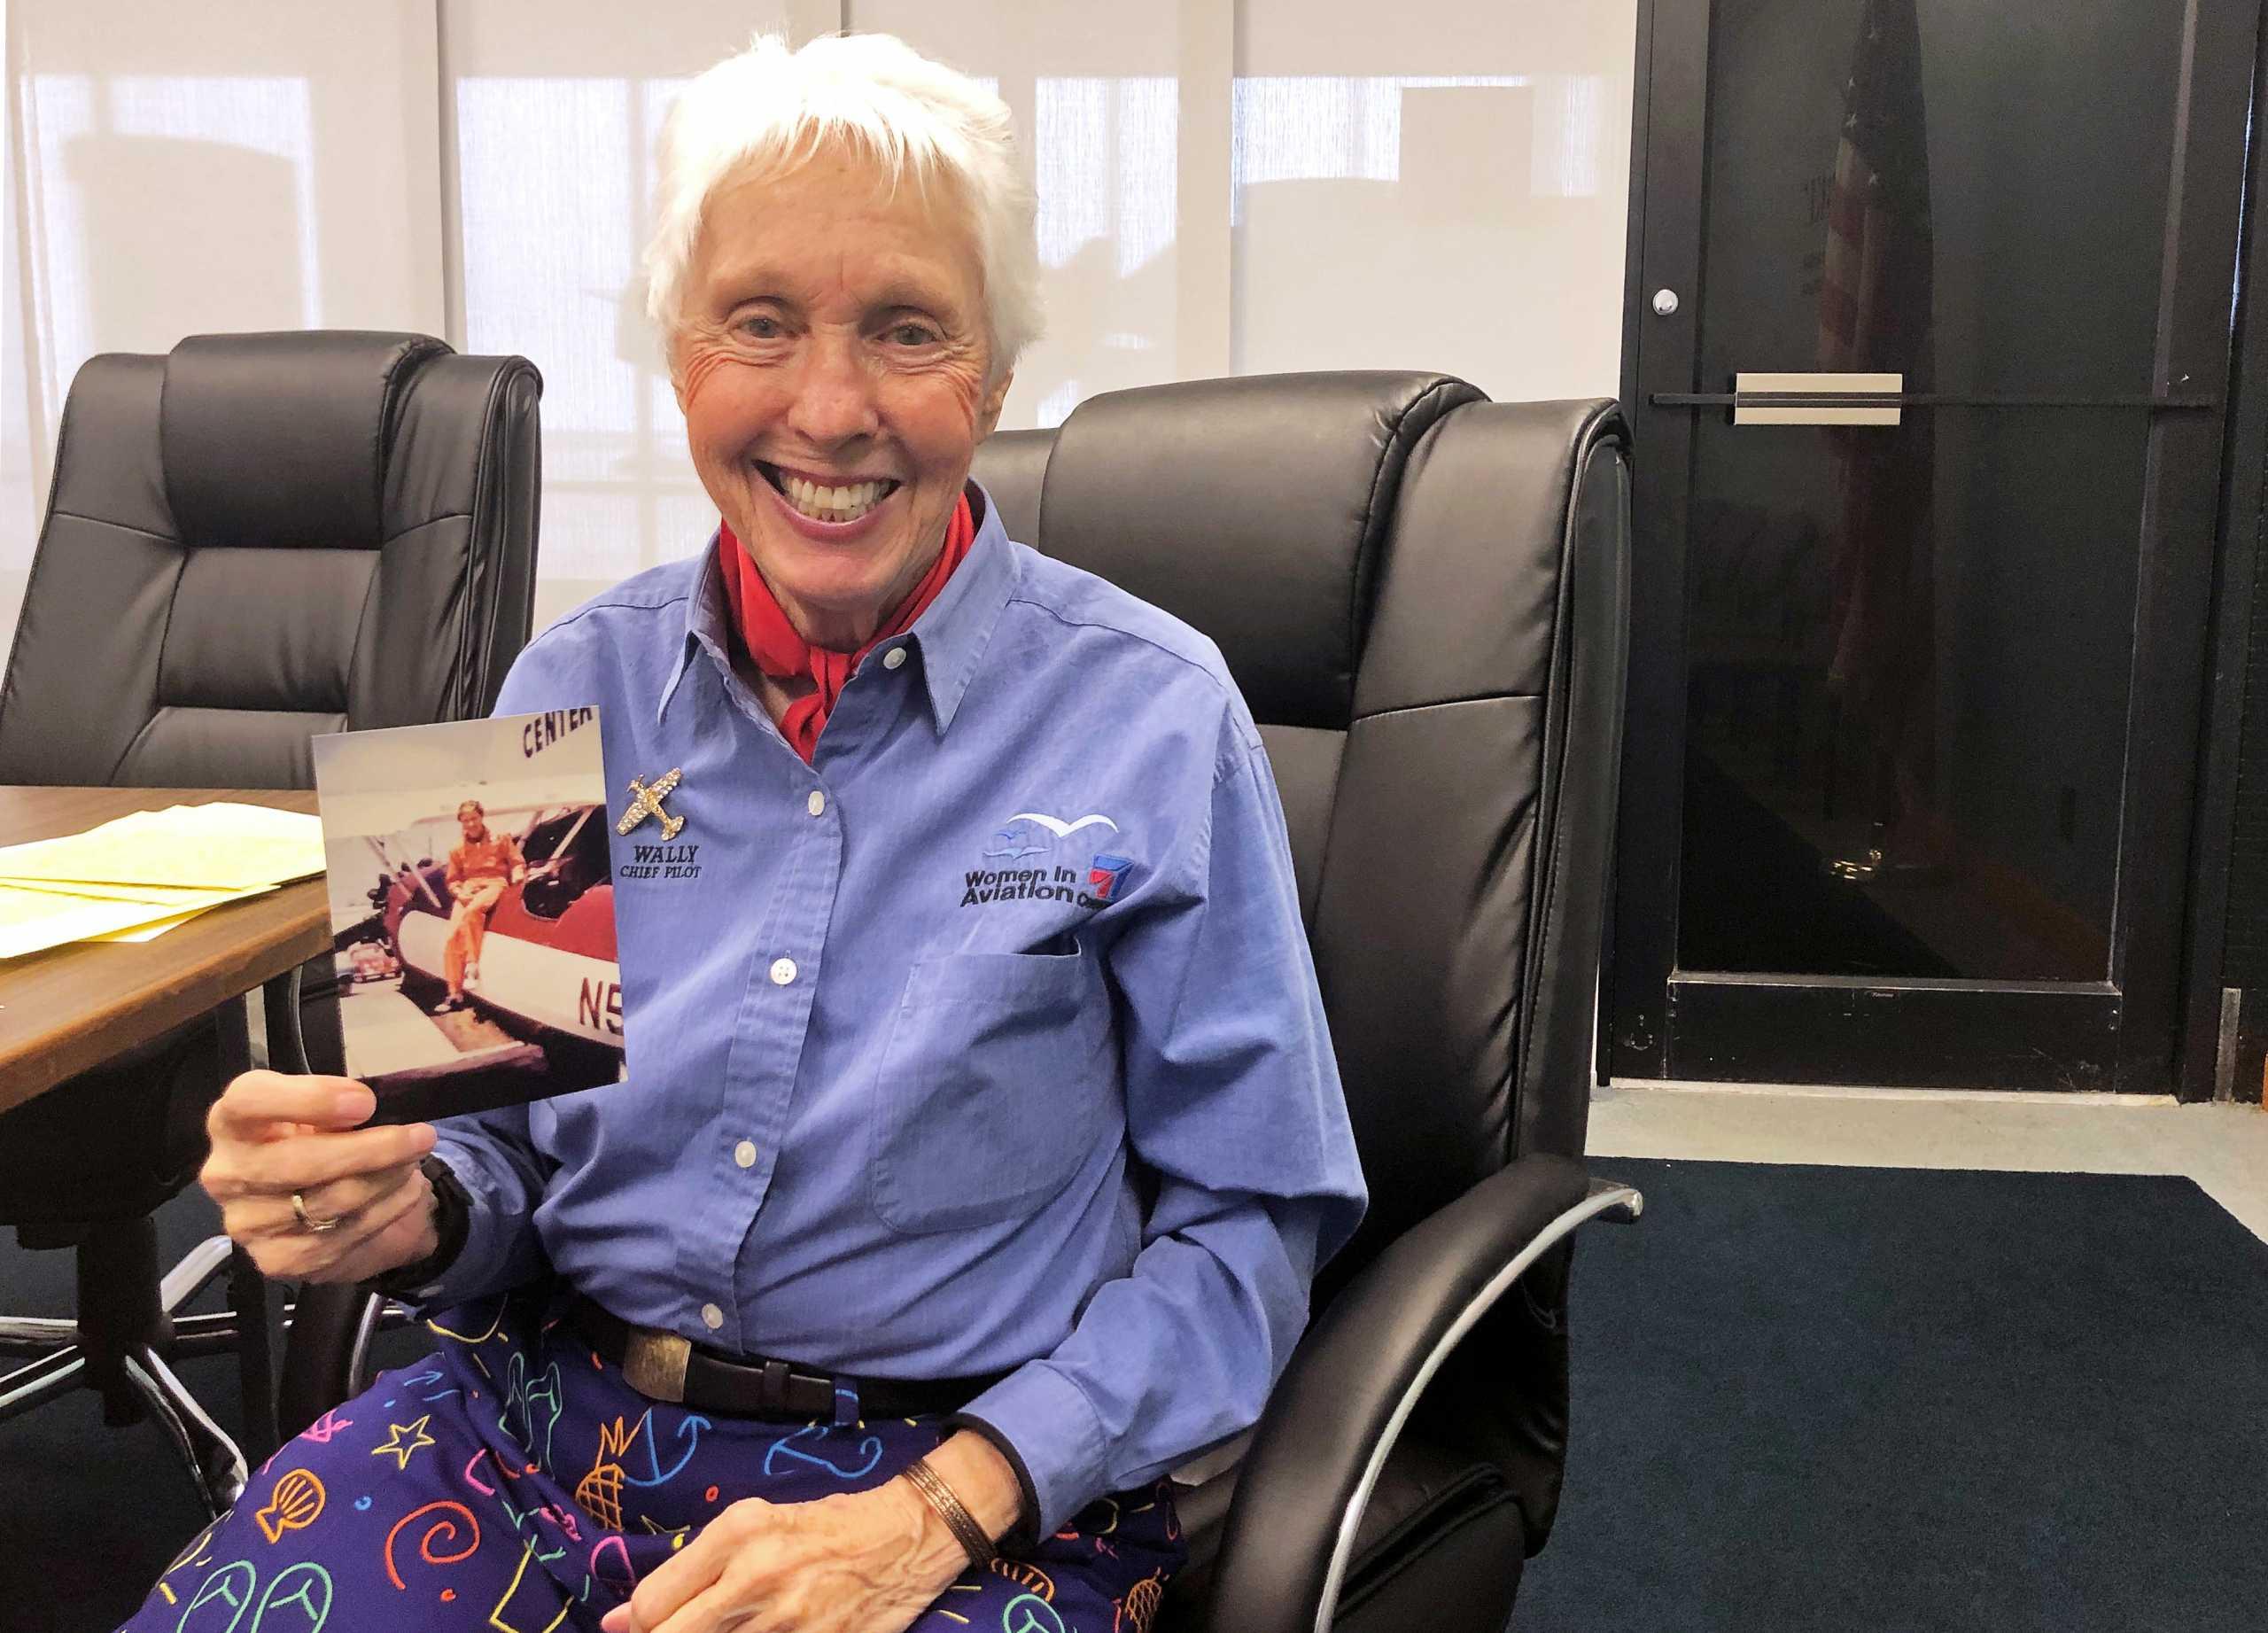 ΗΠΑ: Μια 82χρονη θα πετάξει με τον Τζεφ Μπέζος στο διάστημα